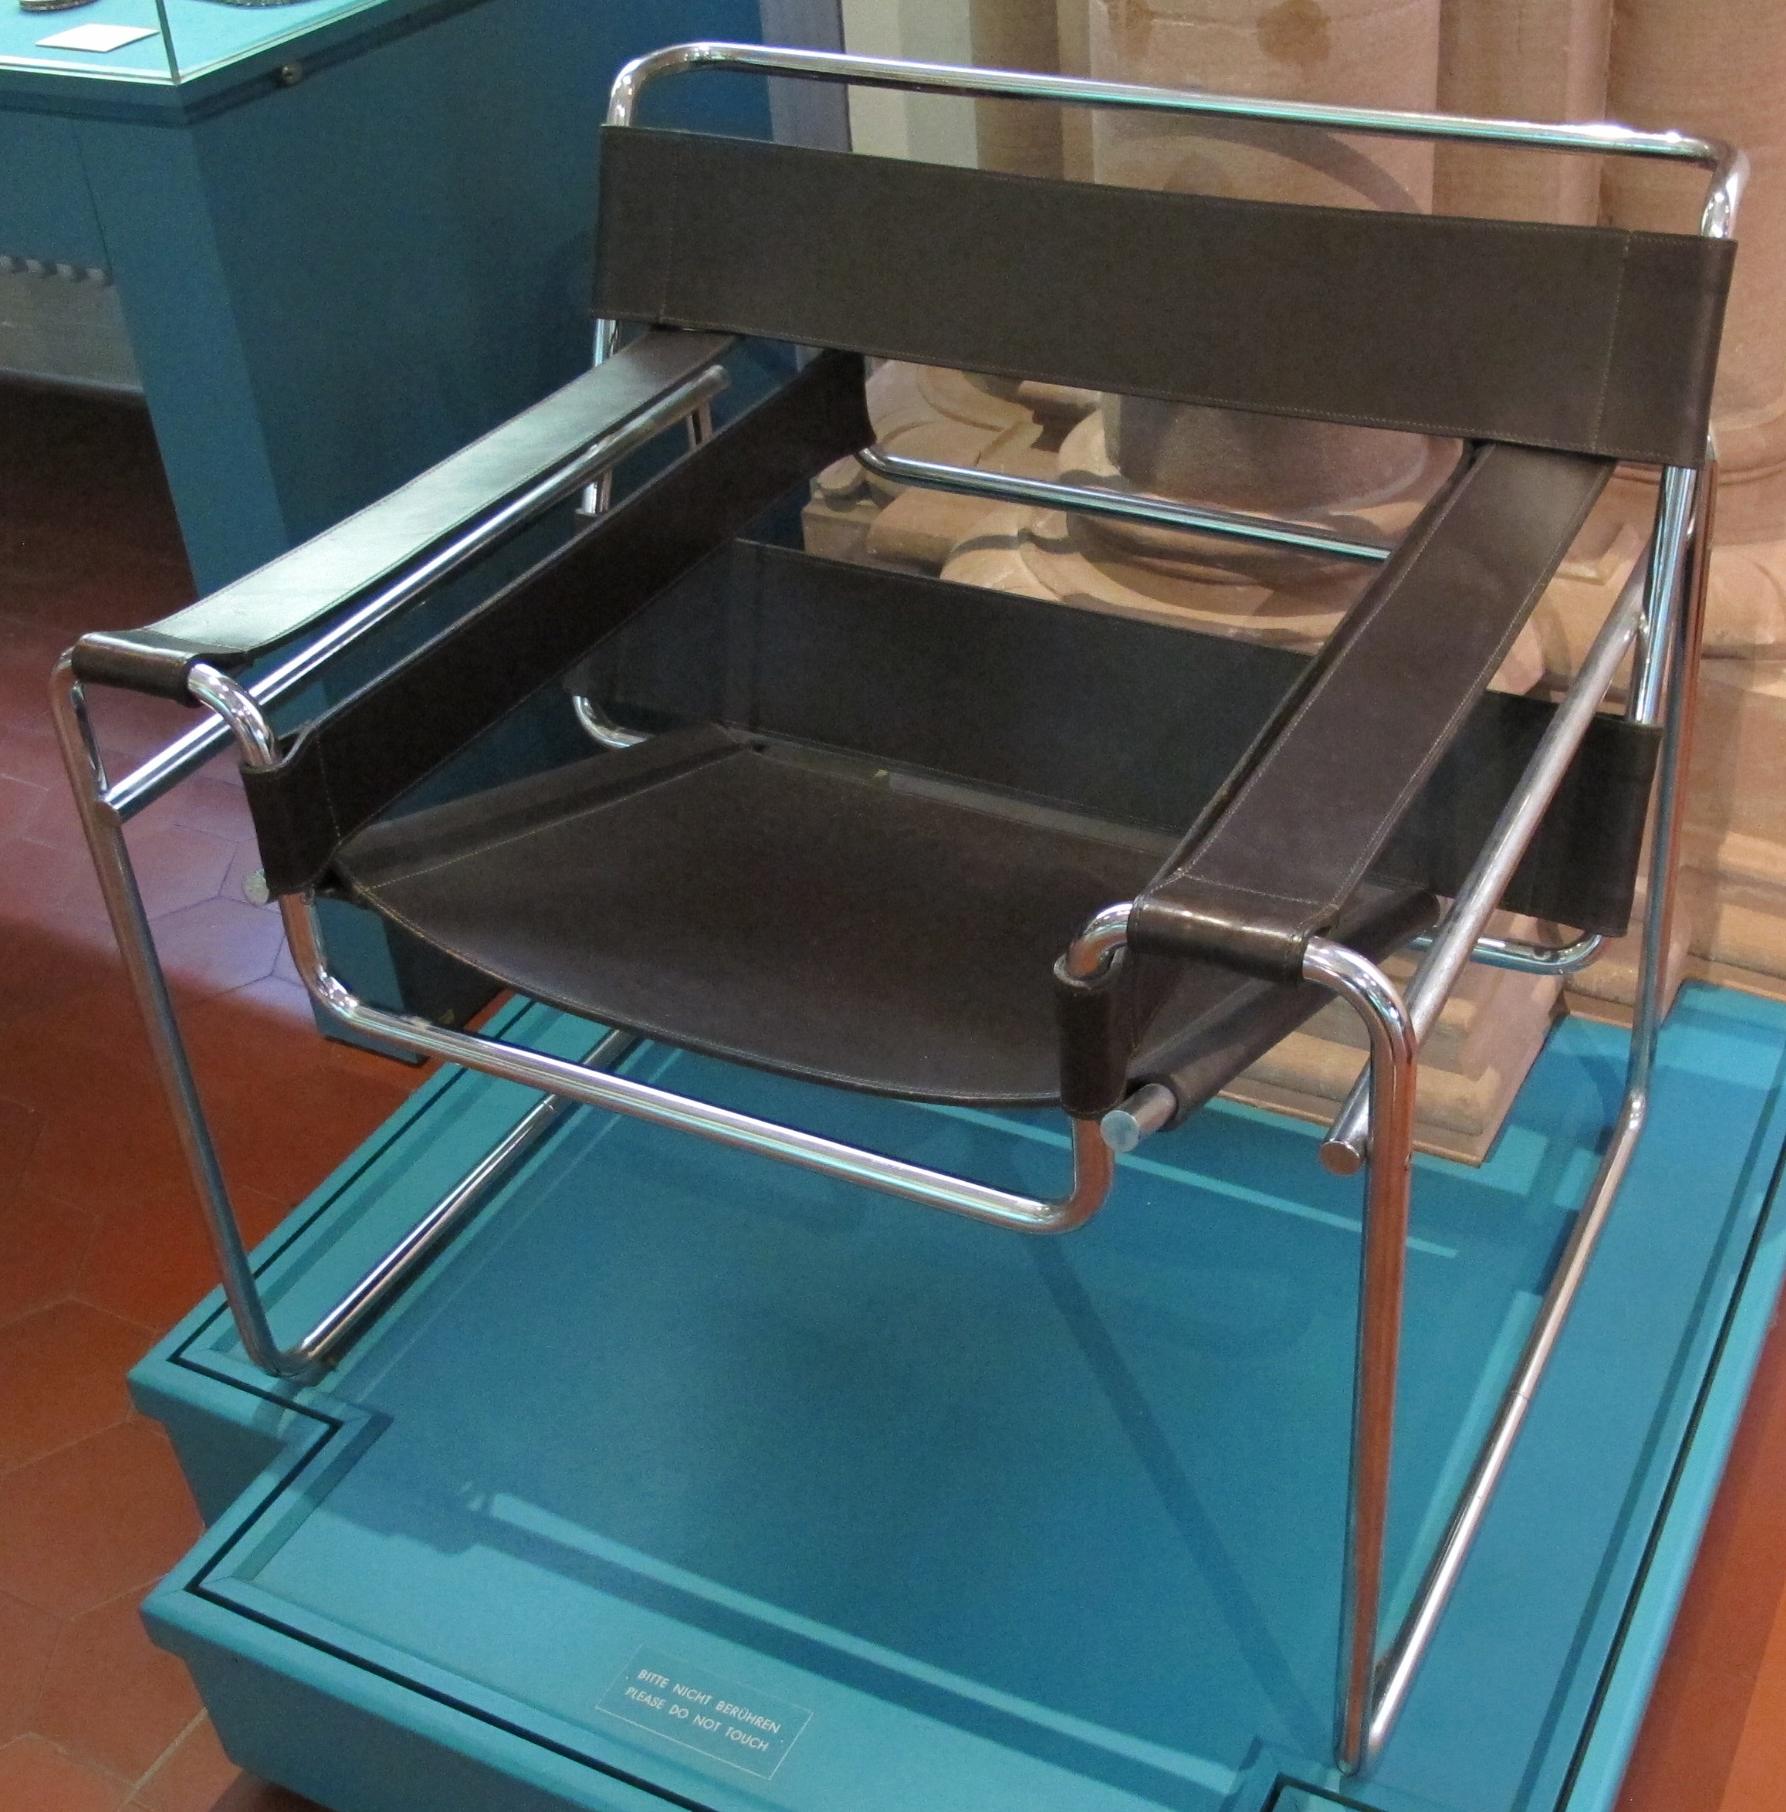 file sedia wassily marcel breuer disegno 1925 realizzazione 1964